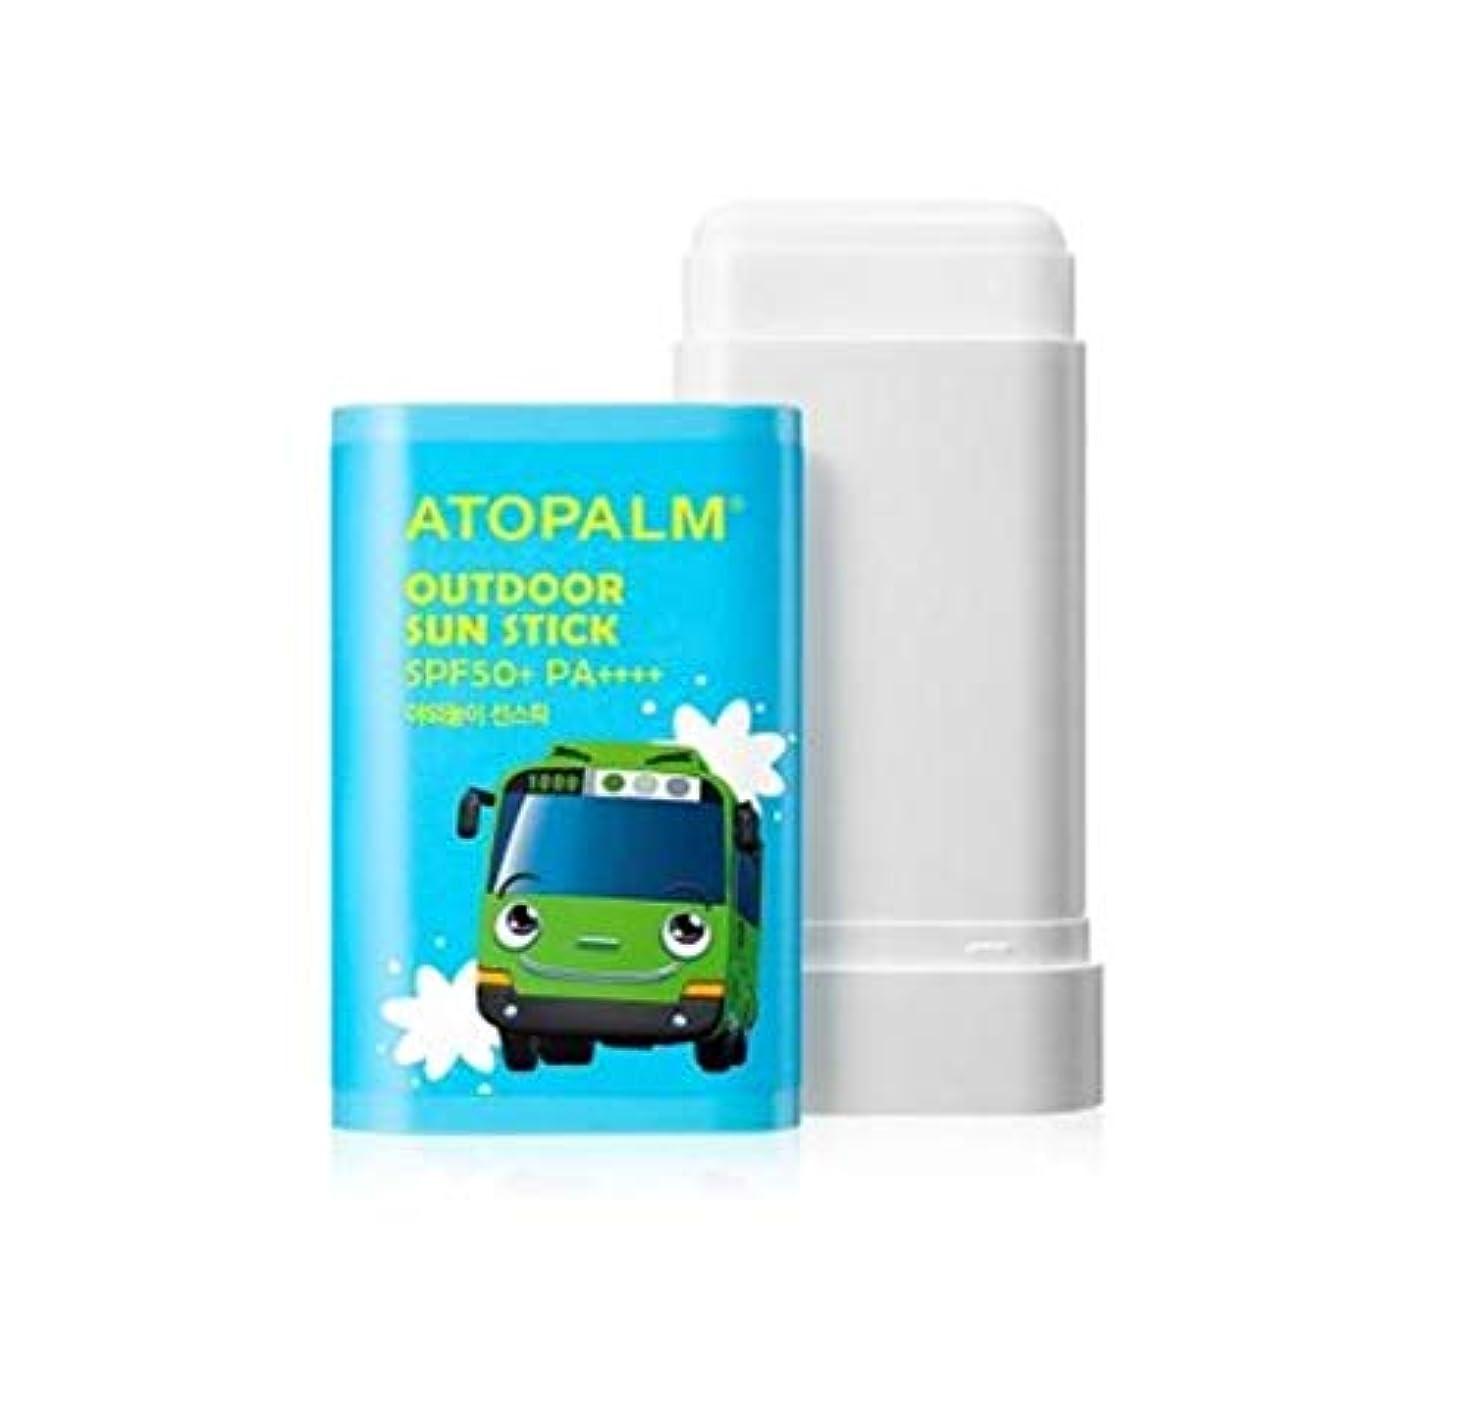 阻害するカーフ青写真ATOPALM OUTDOOR Sun Stick (EWG all green grade!) SPF50+ PA++++ 日焼け止めパーフェクトUVネック?手?足の甲?部分的に塗って修正スティック [並行輸入品]